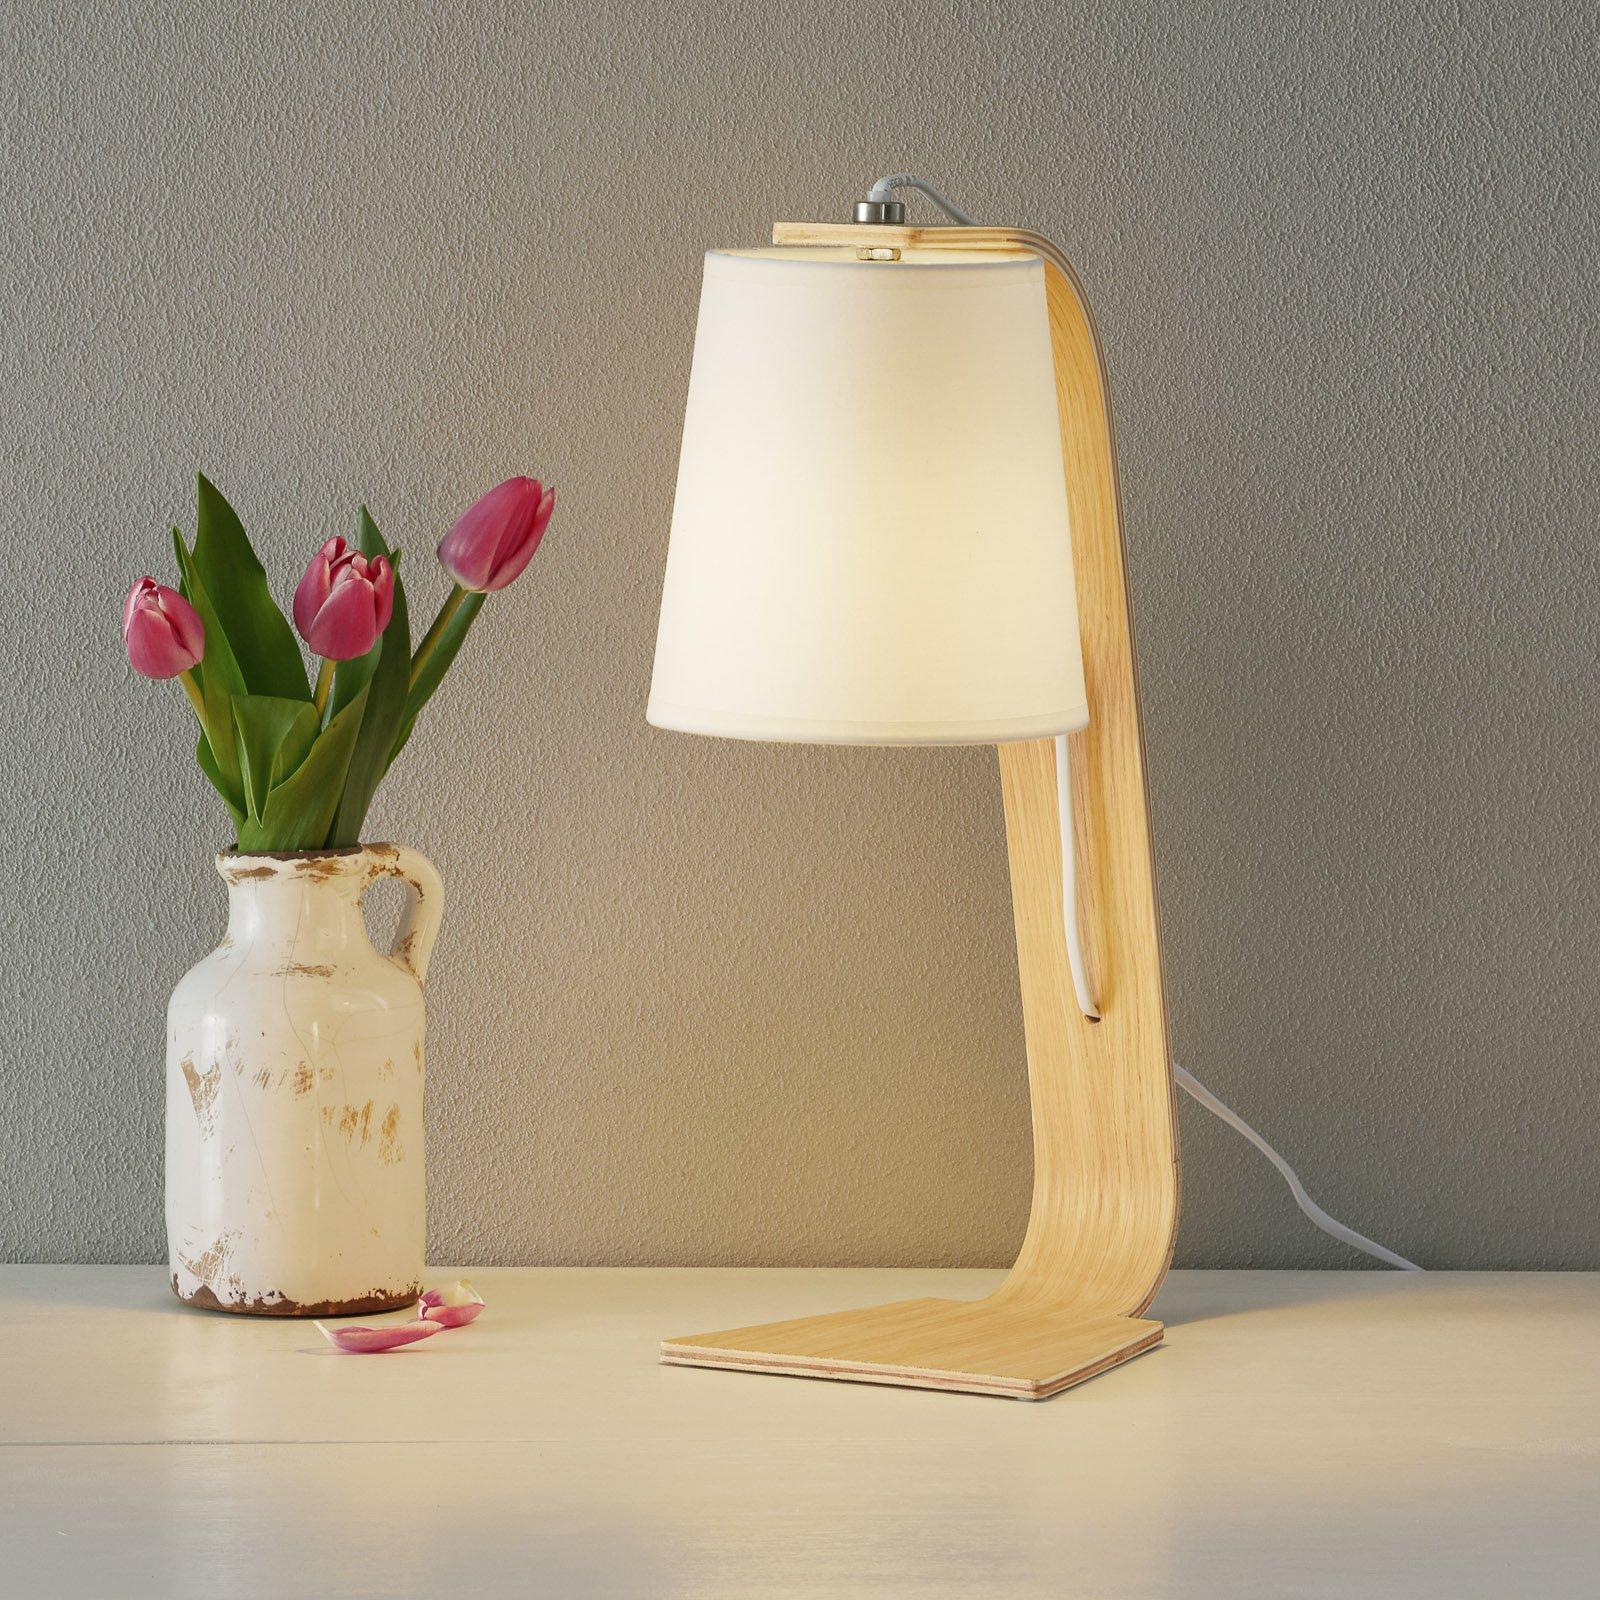 Hvit bordlampe Nordic i tre med skjerm i tekstil